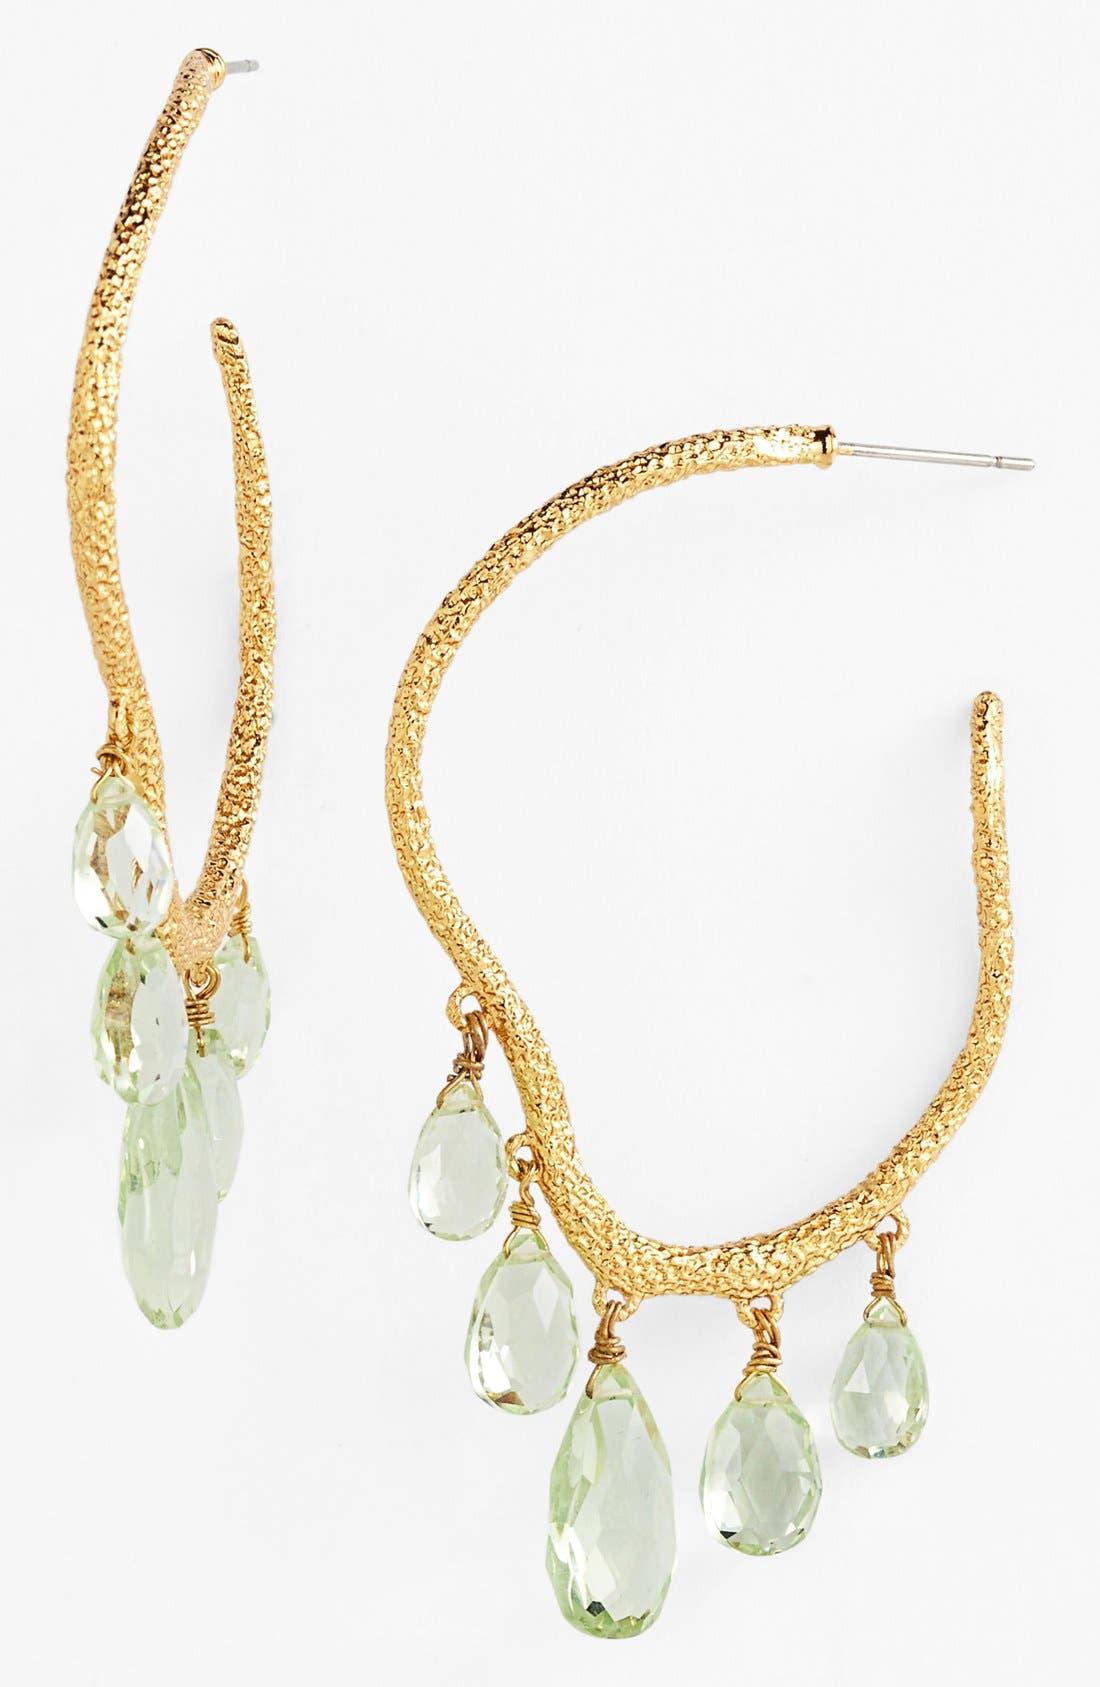 Main Image - Alexis Bittar 'Elements' Hoop Earrings